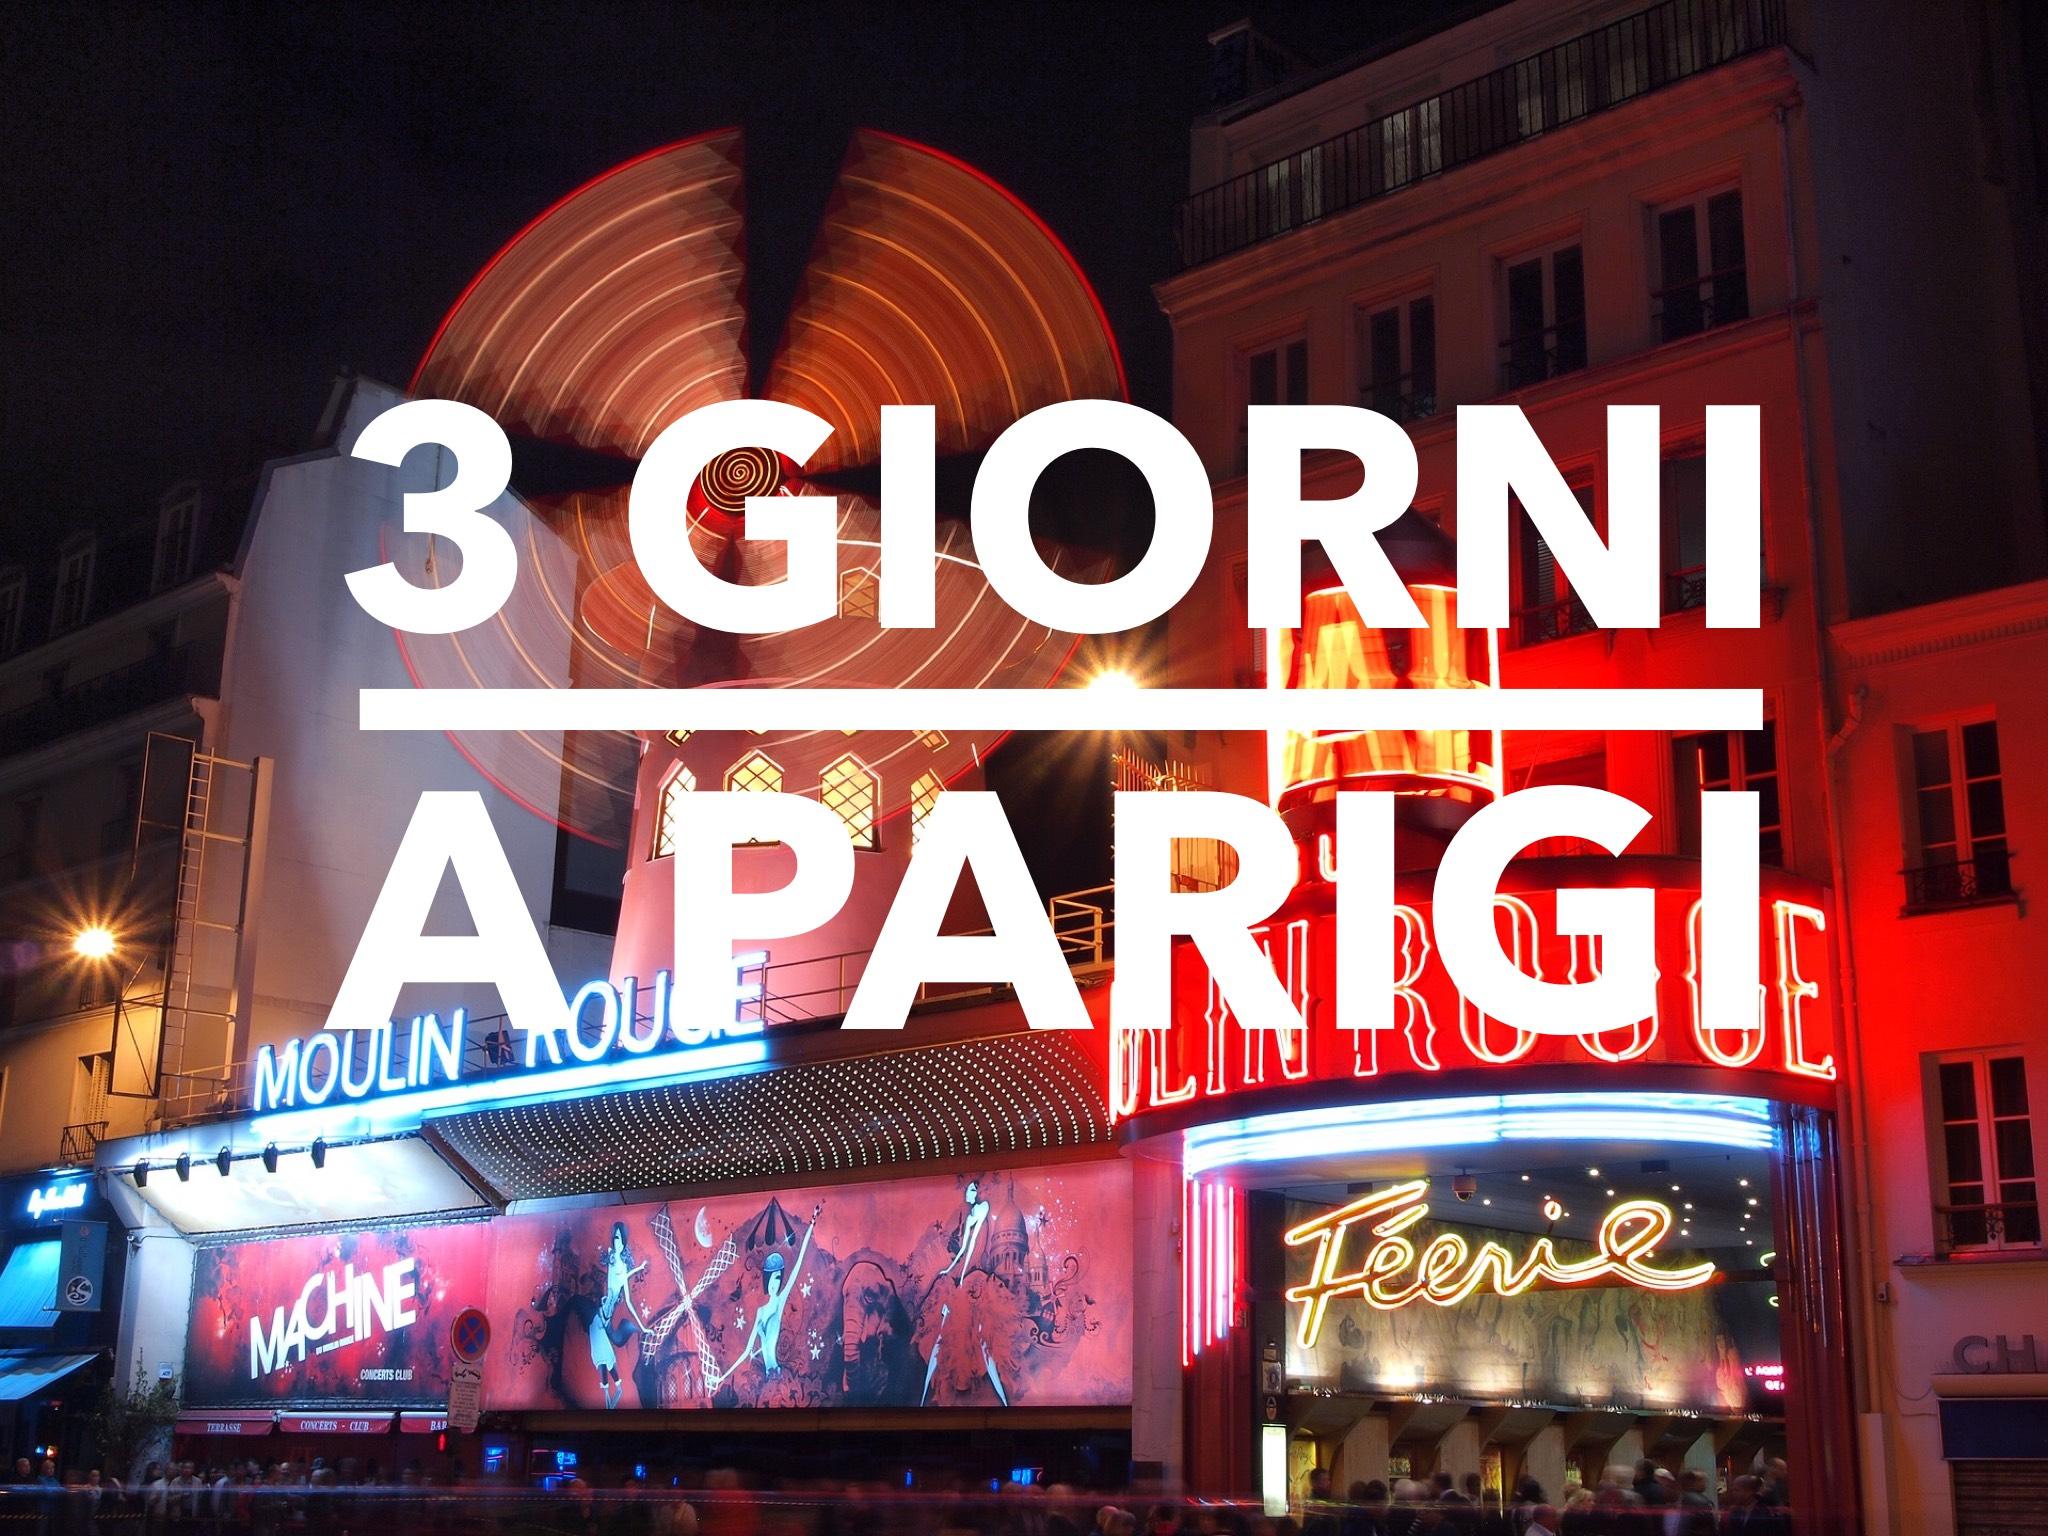 Tre giorni a Parigi: ho fatto pace con la città 9